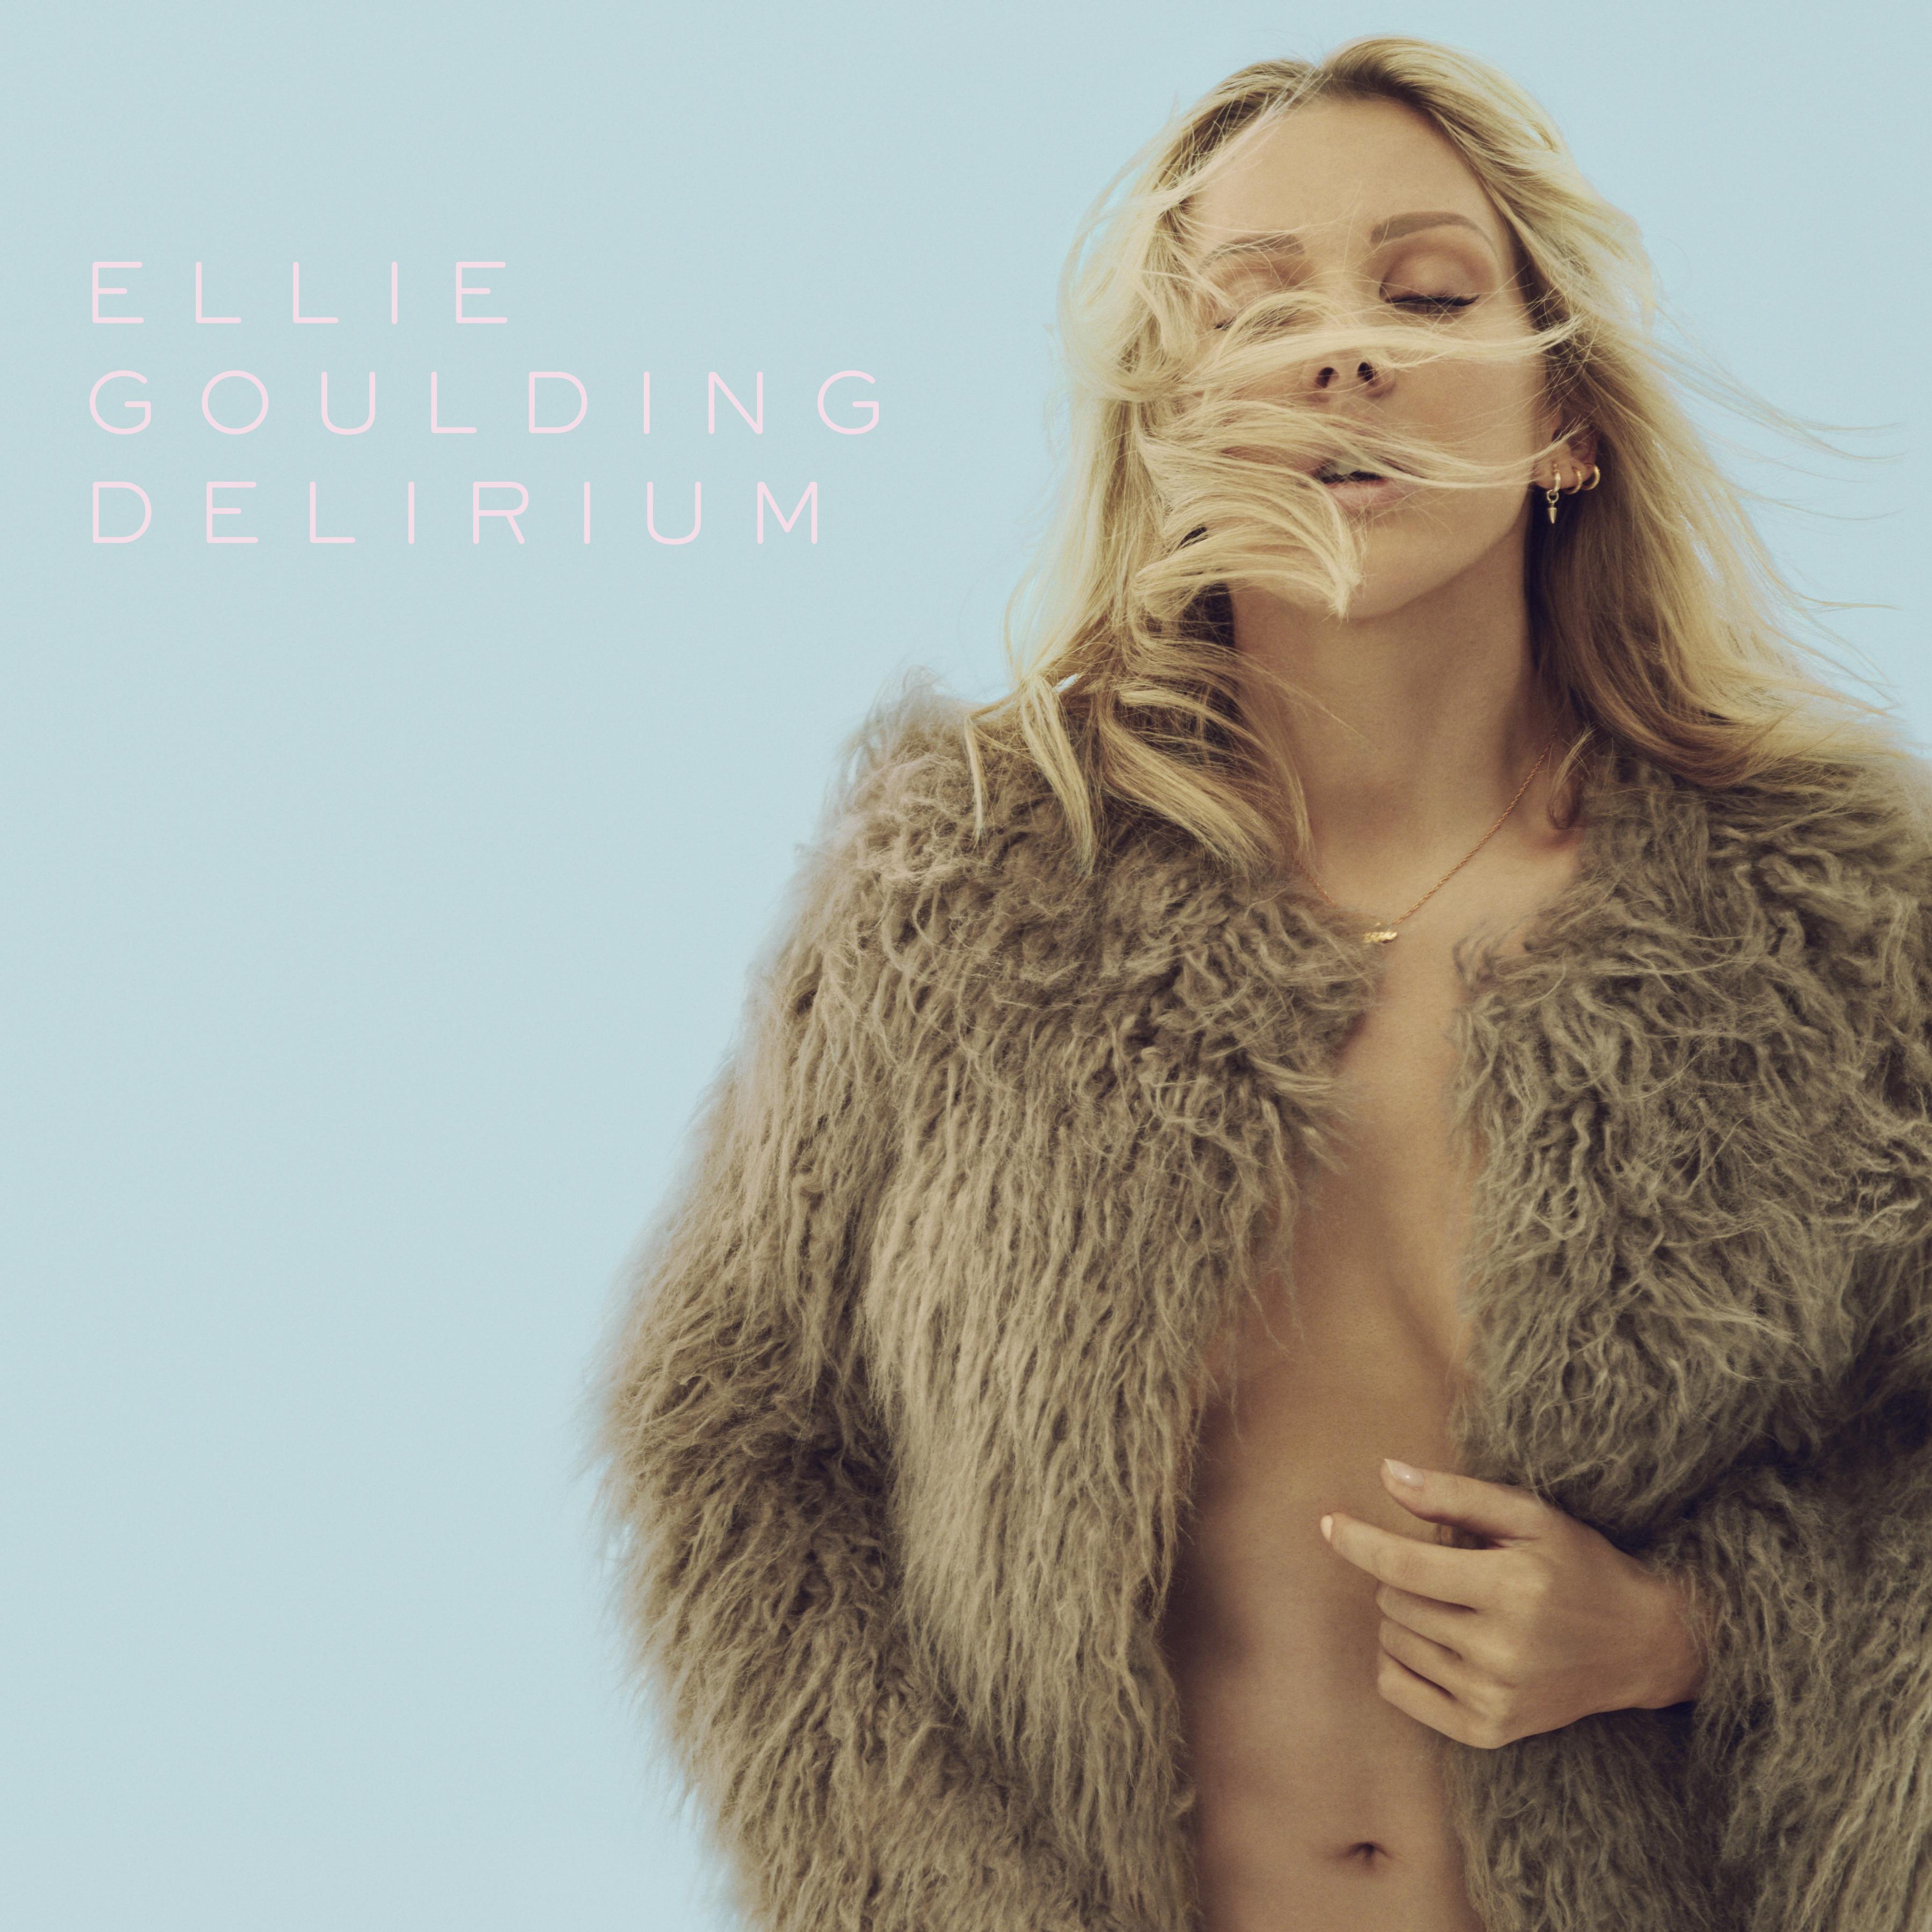 Ellie Goulding's new album, Delirium, is out now.